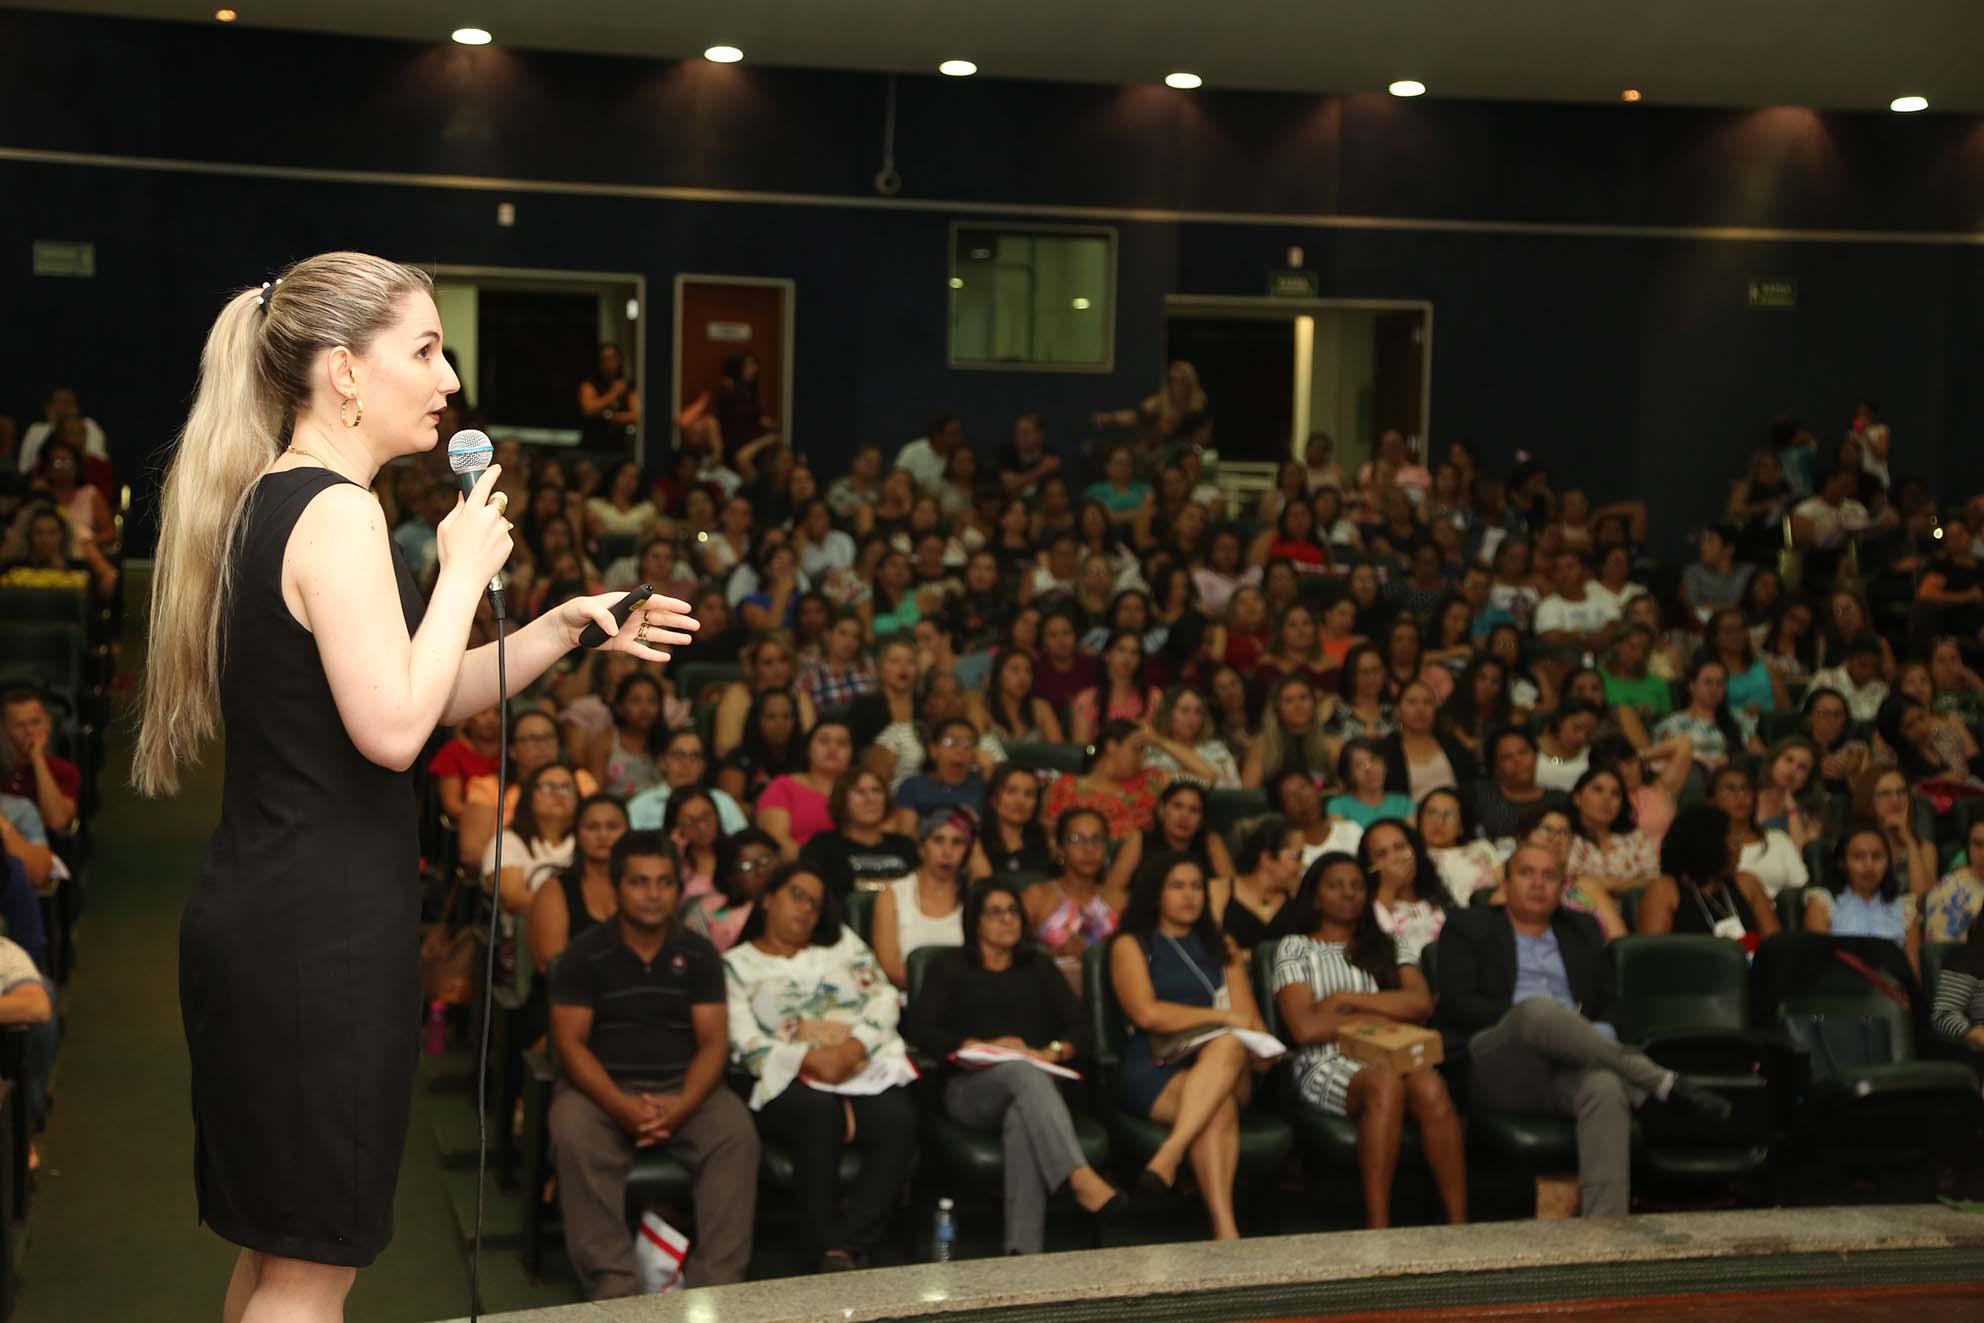 Cerca de 500 profissionais de magistério participam do seminário final do Pnaic em Palmas